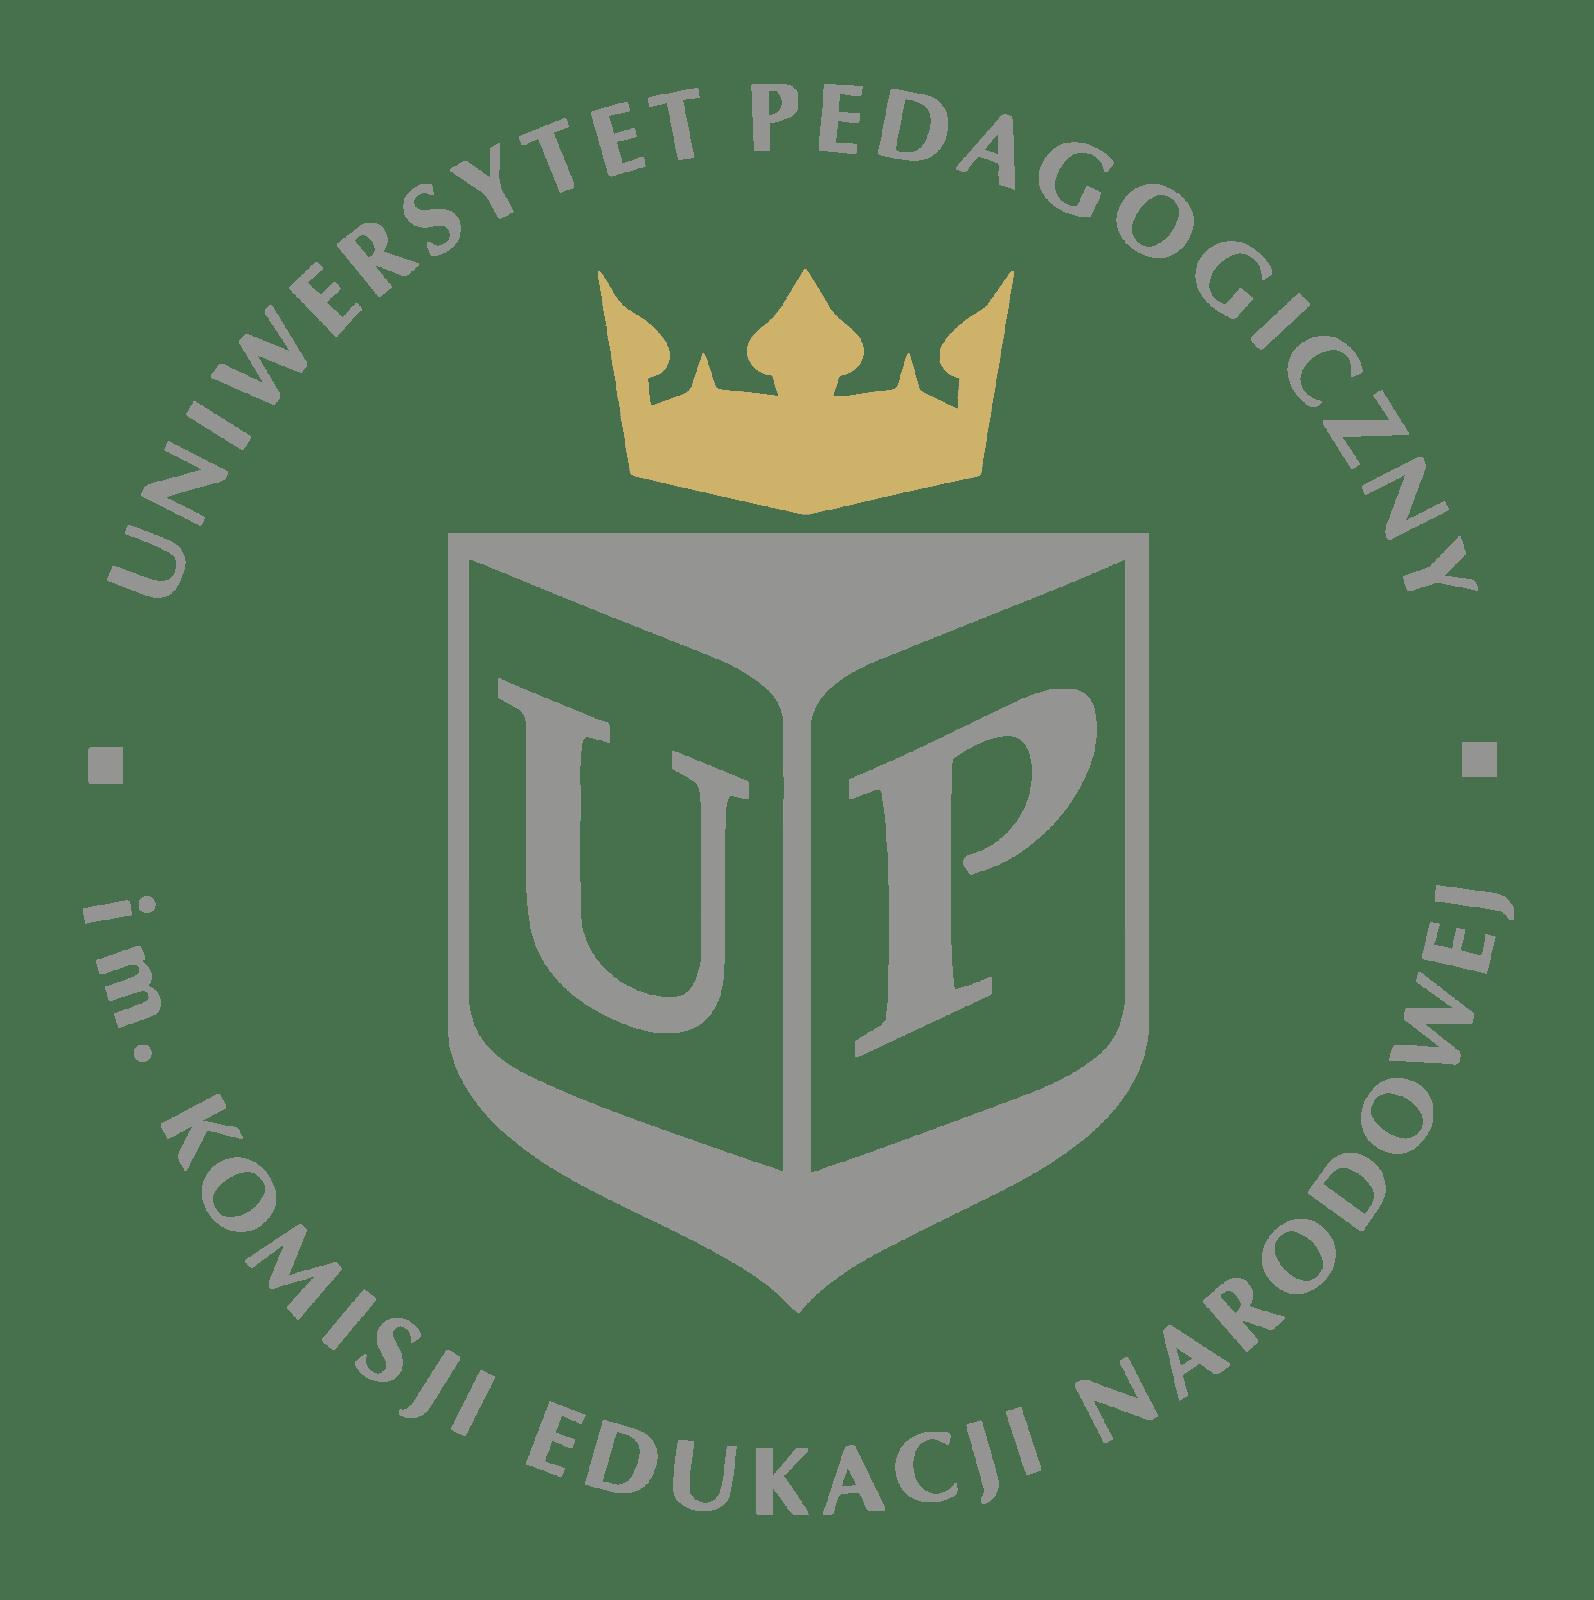 Wydział Humanistyczny Uniwersytetu Pedagogicznego w Krakowie